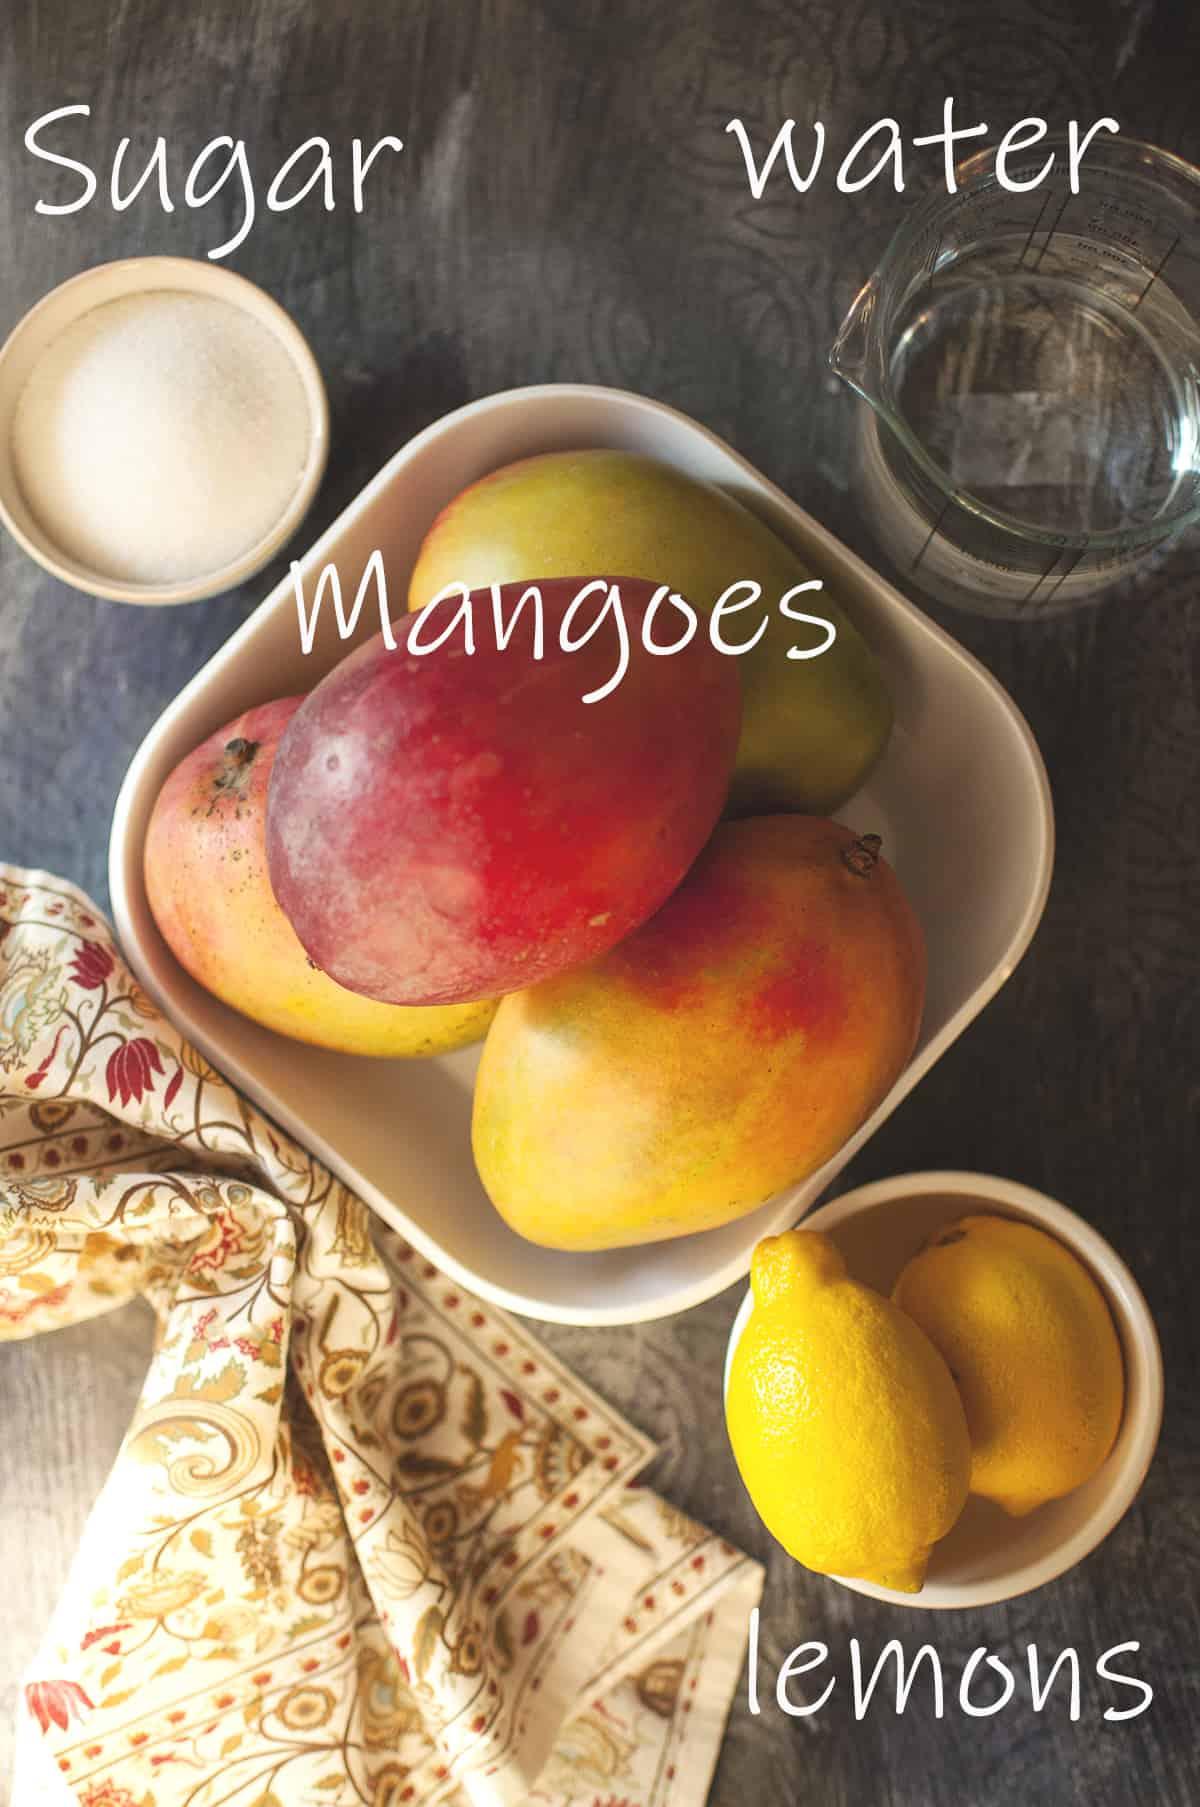 Ingredients - Mangoes, sugar, water and lemons